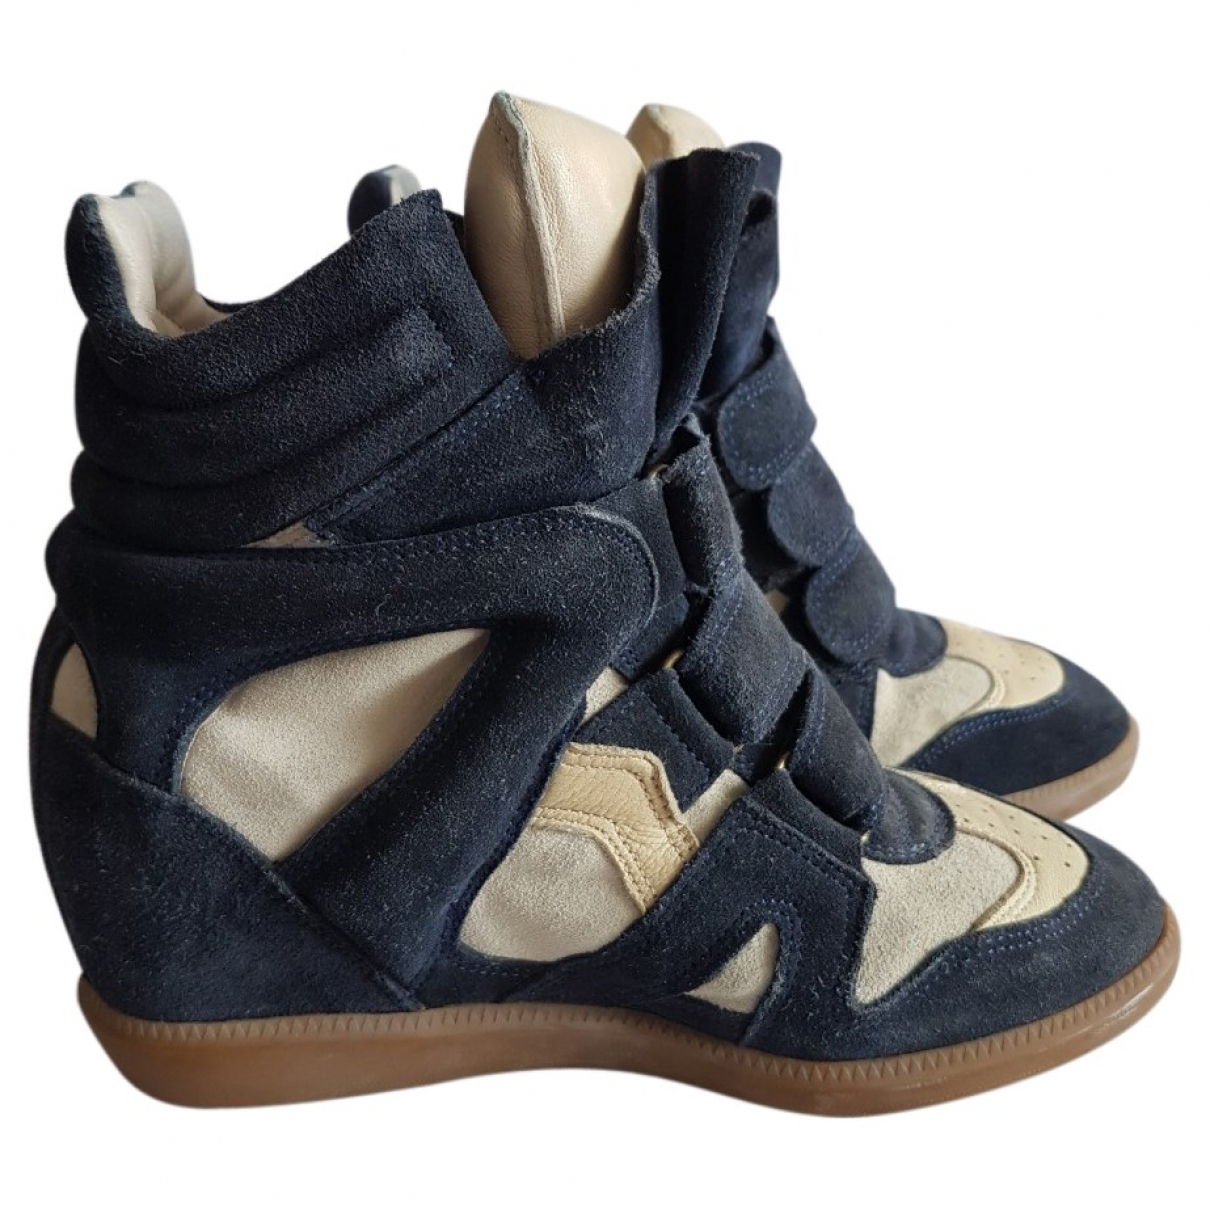 Isabel Marant - Baskets Bayley pour femme en suede - bleu